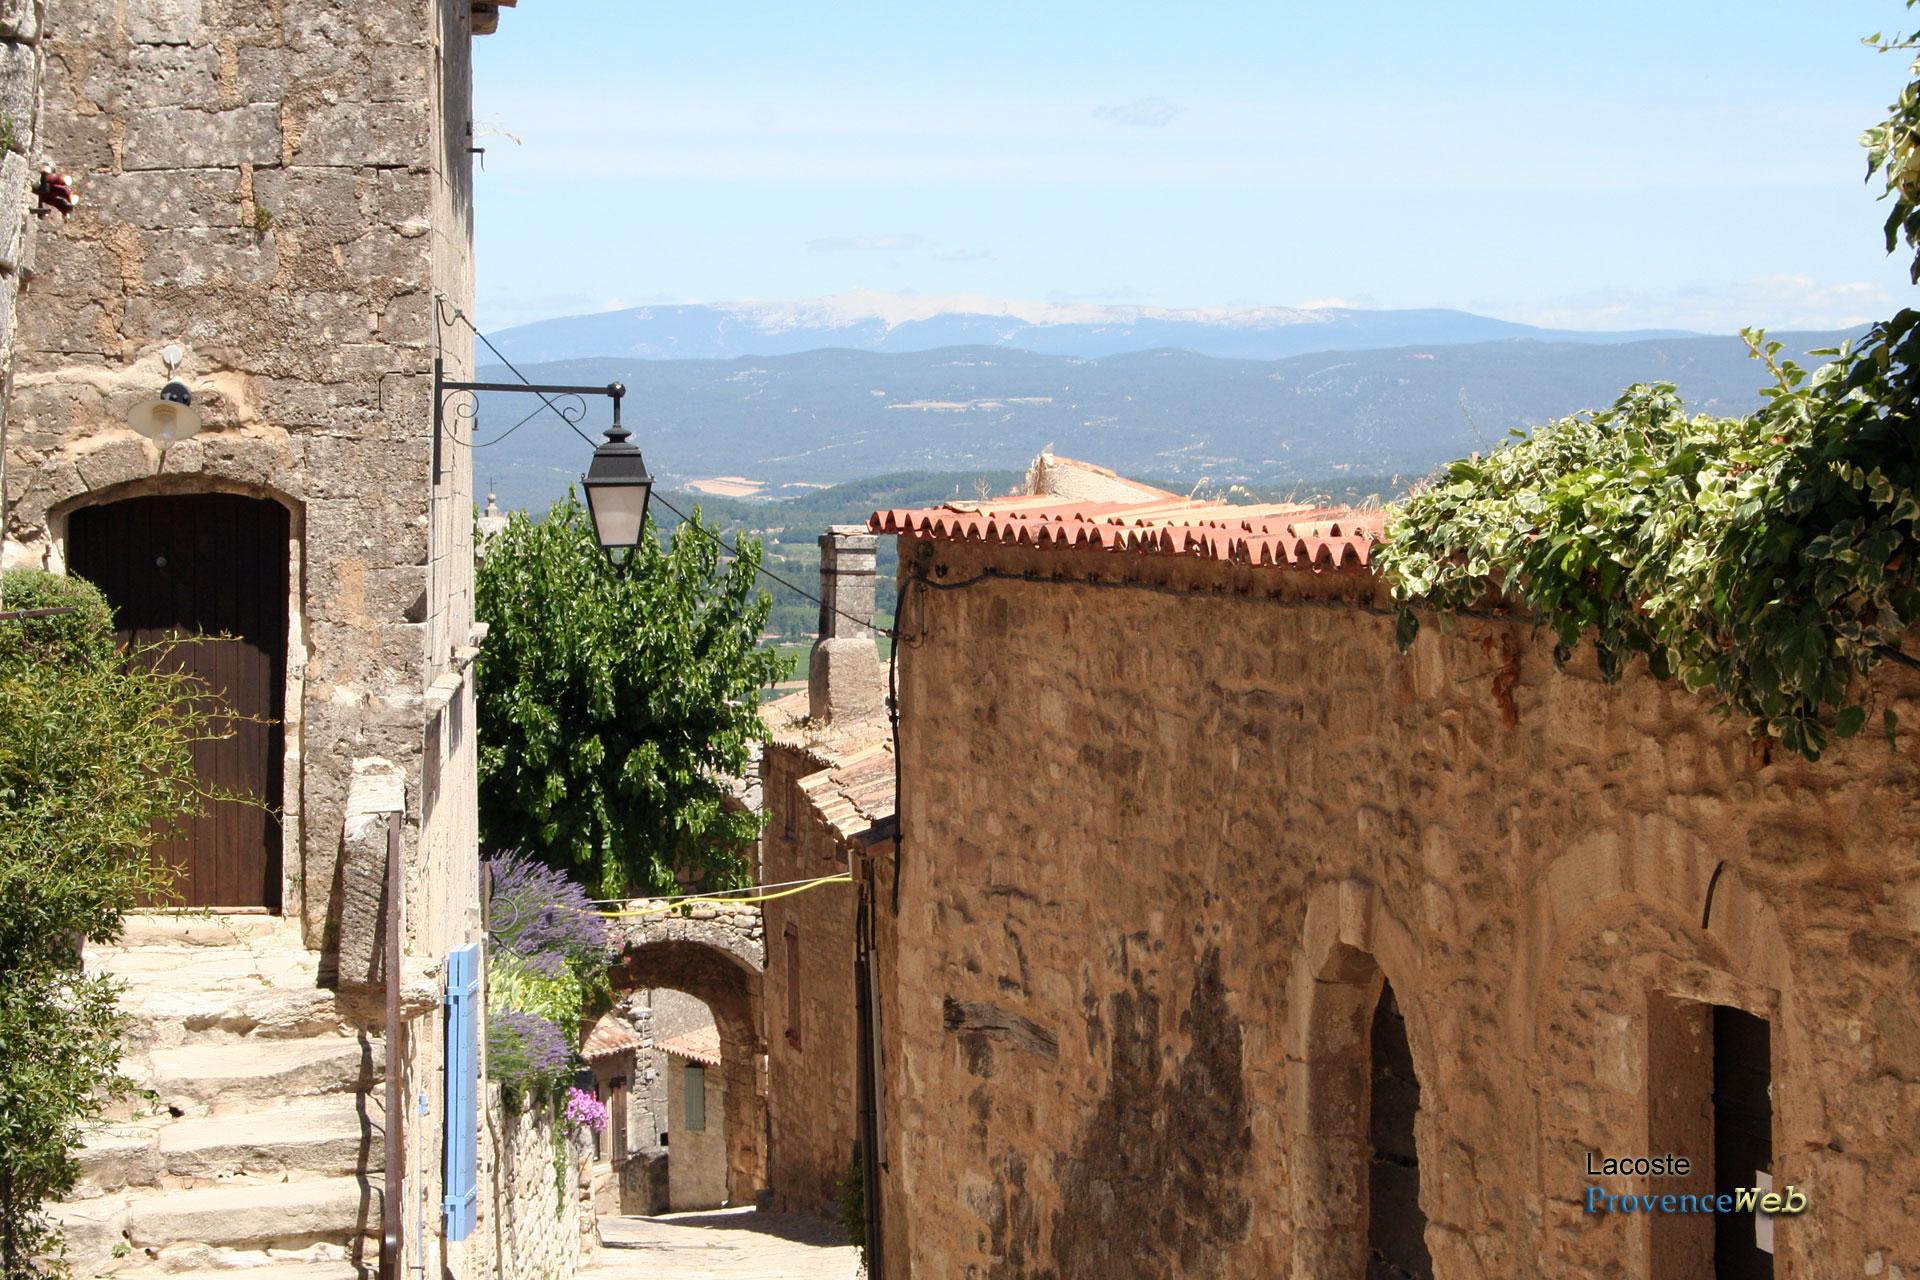 lacoste - Agrandissements et Fonds d'écran - Provence Web